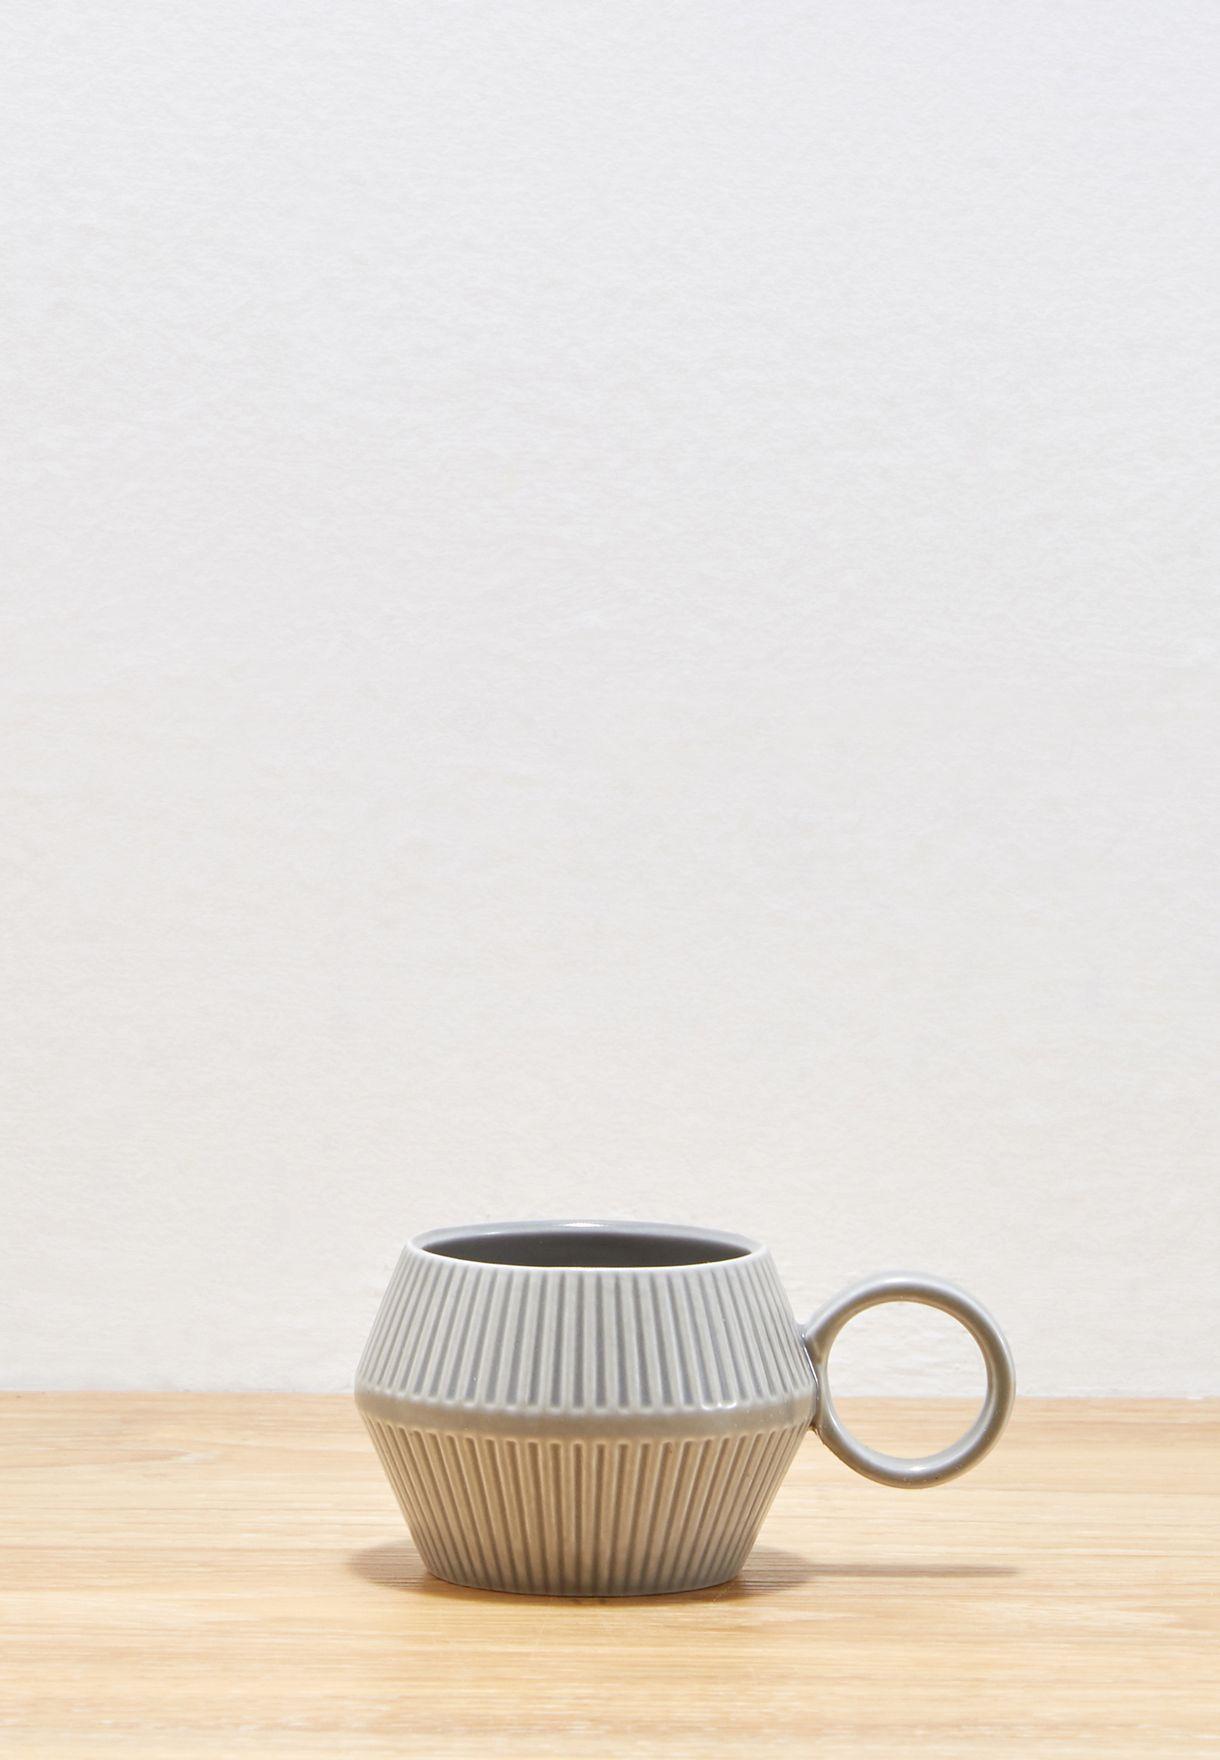 طقم (فنجان + صحن)